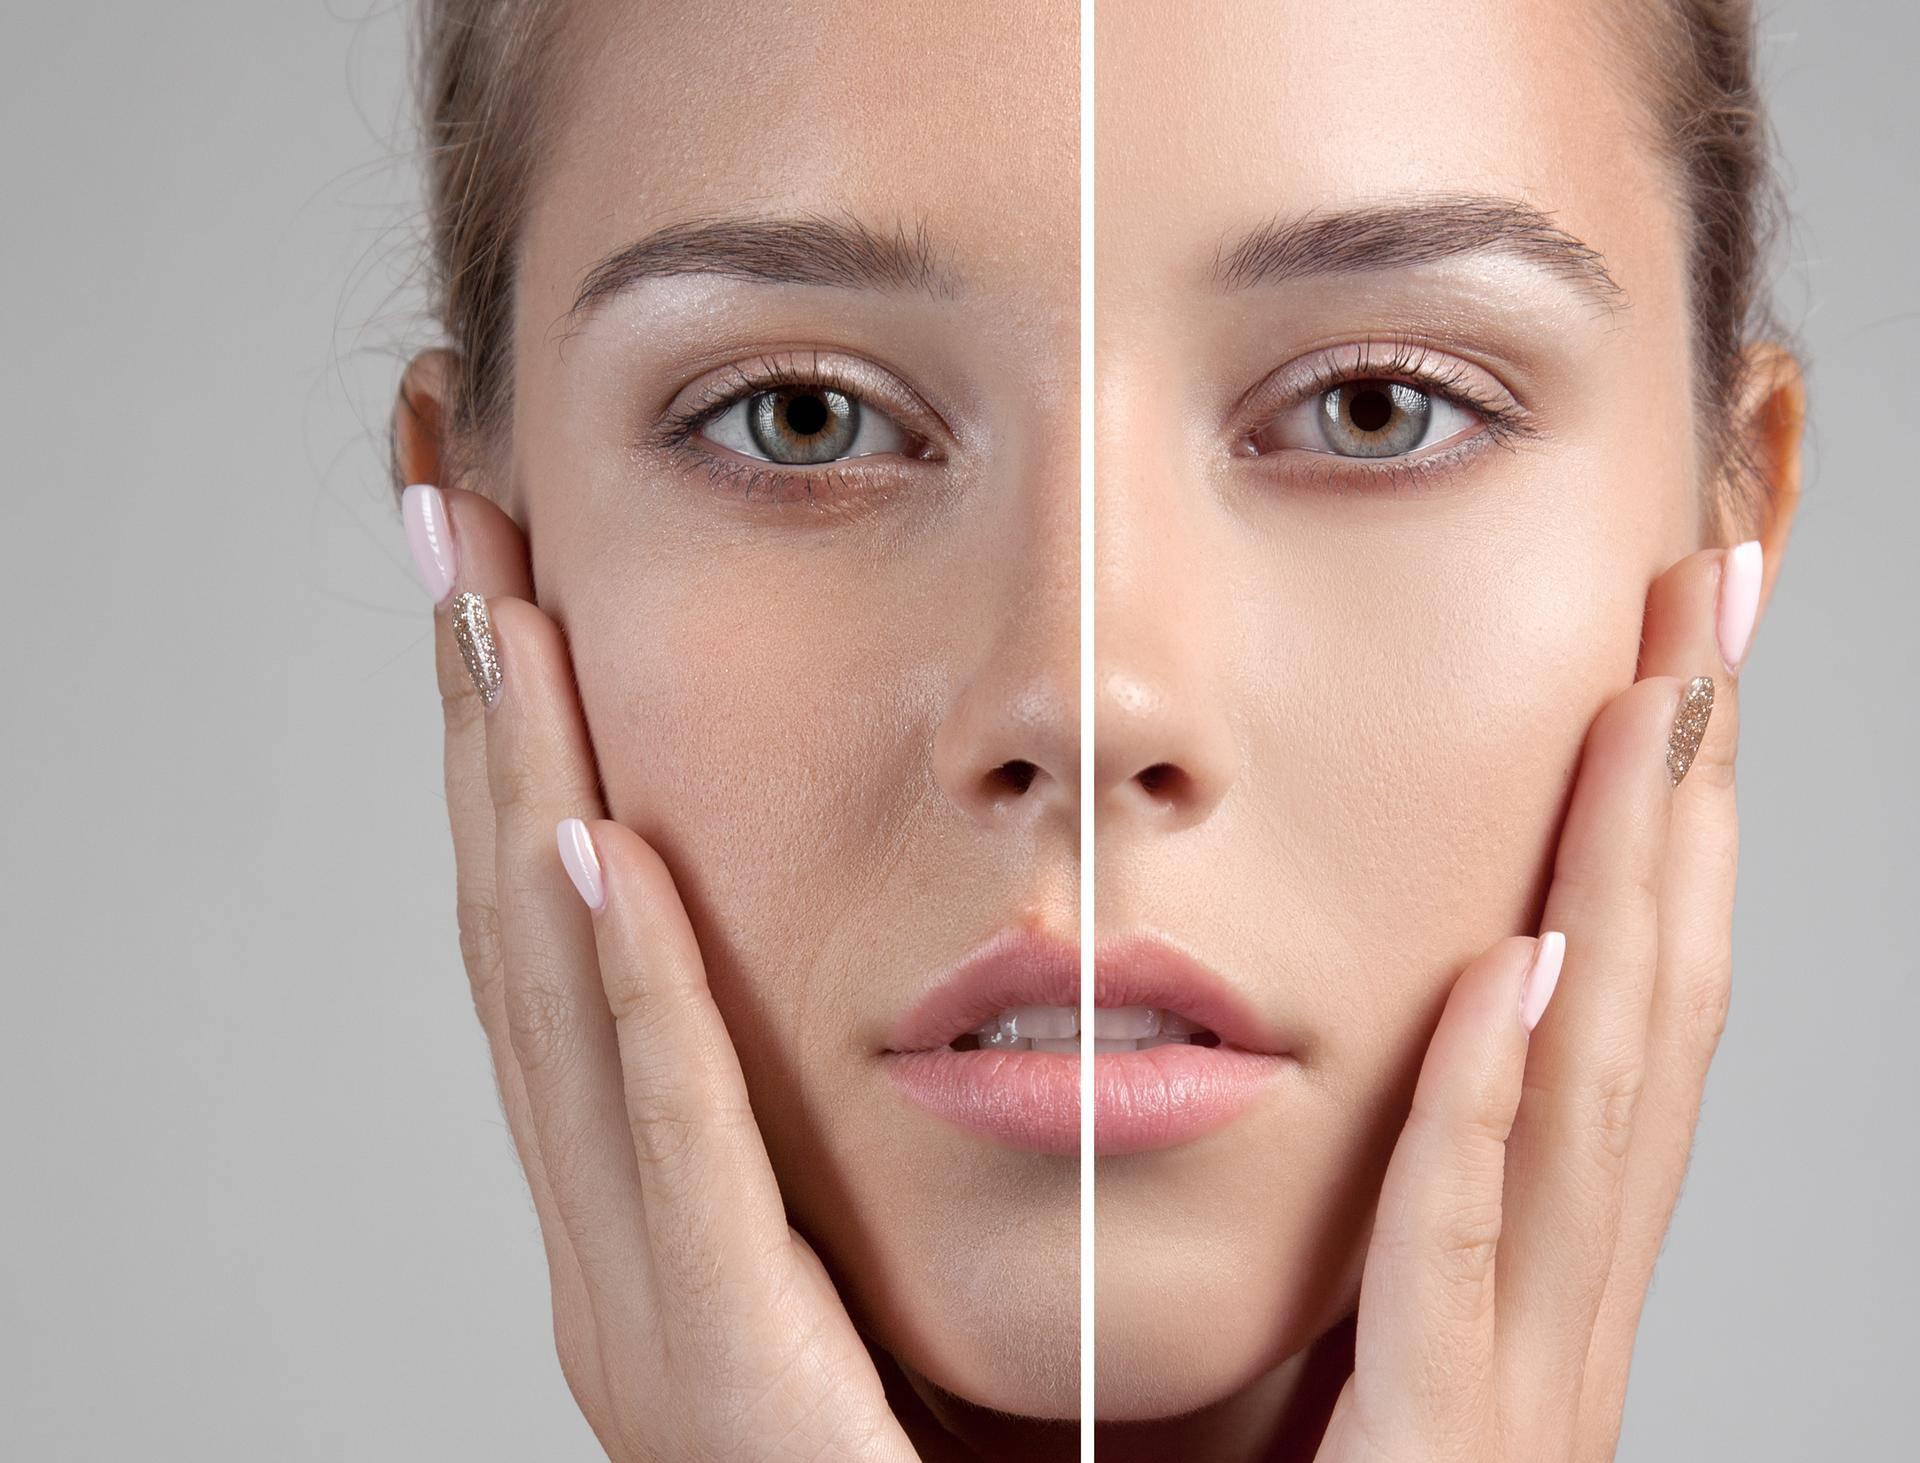 Začepljene pore mogu se javiti i zbog sedam nezdravih navika